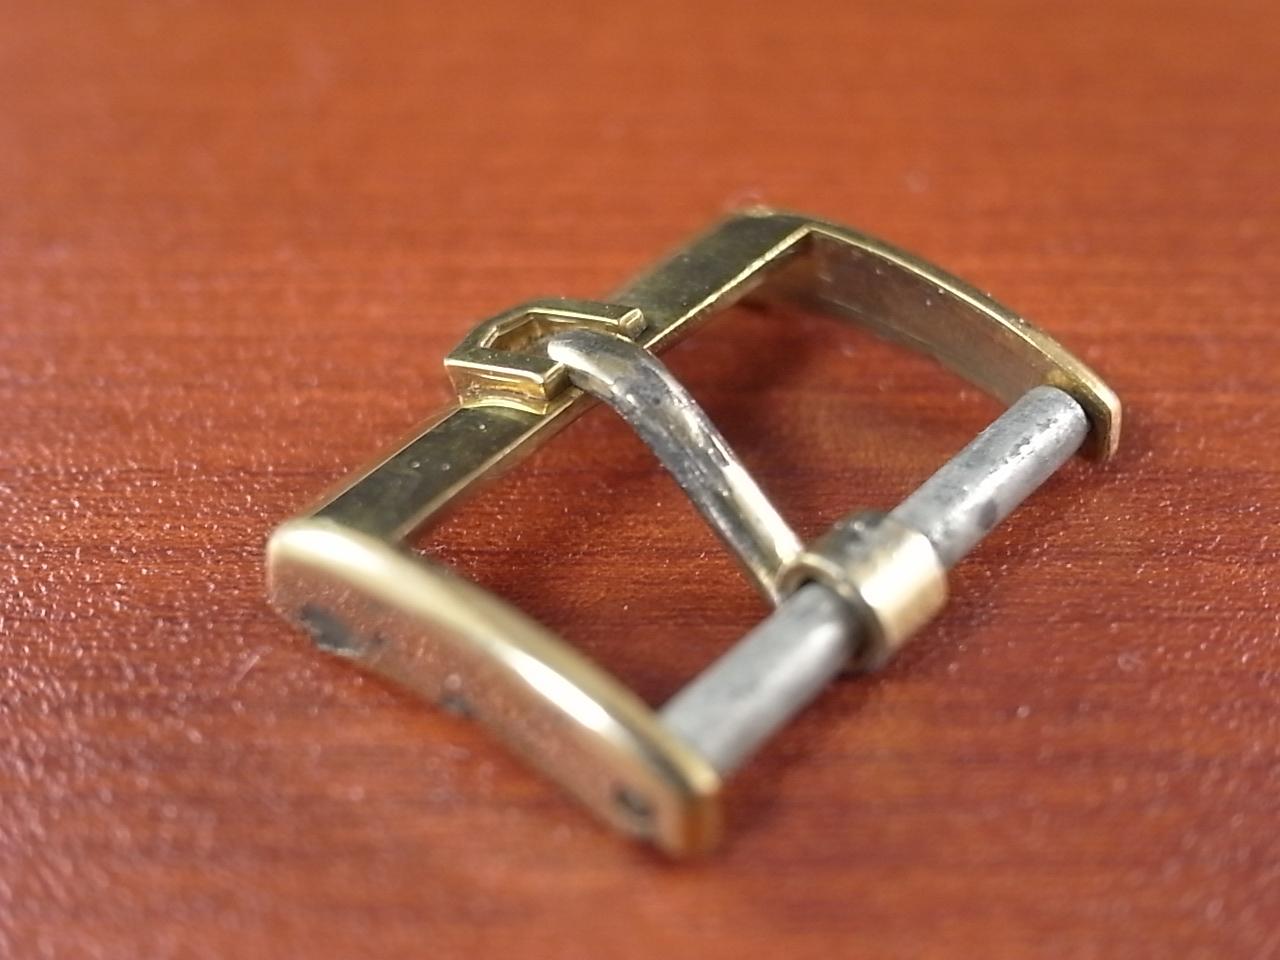 ユニバーサル アンティーク尾錠 GP 16mm 1950年代の写真3枚目